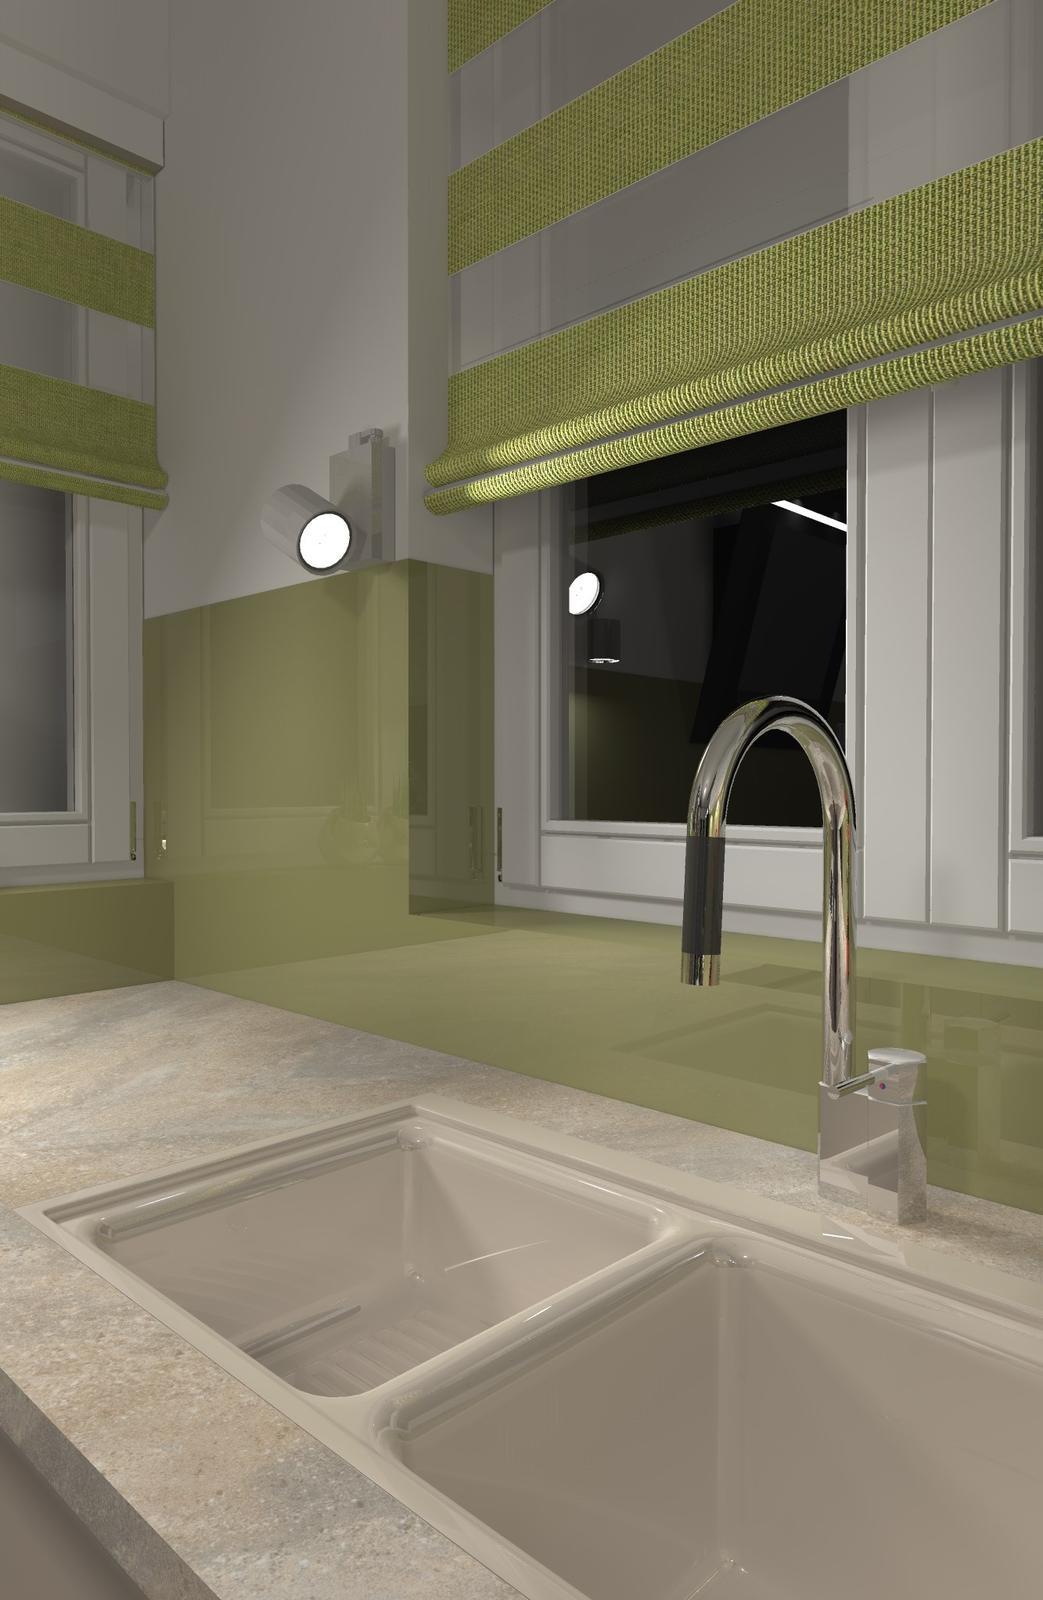 Kuchyne nielen do panelakovych bytov - aby bolo vidno aj vecer, je vedla okna nastenne svetlo